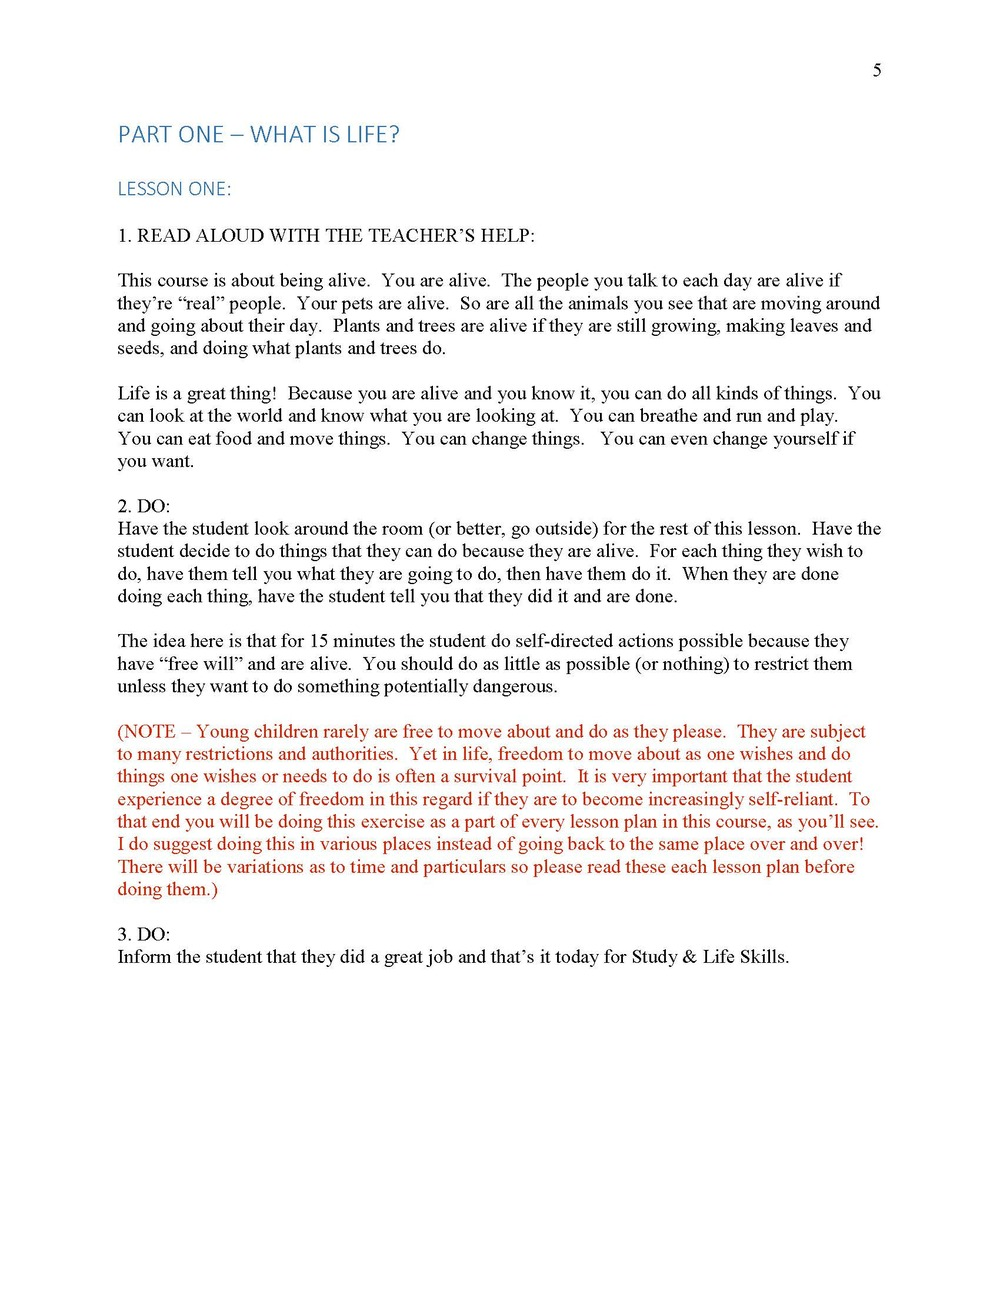 Step 1 Study & Life Skills 8 - Your Life_Page_06.jpg